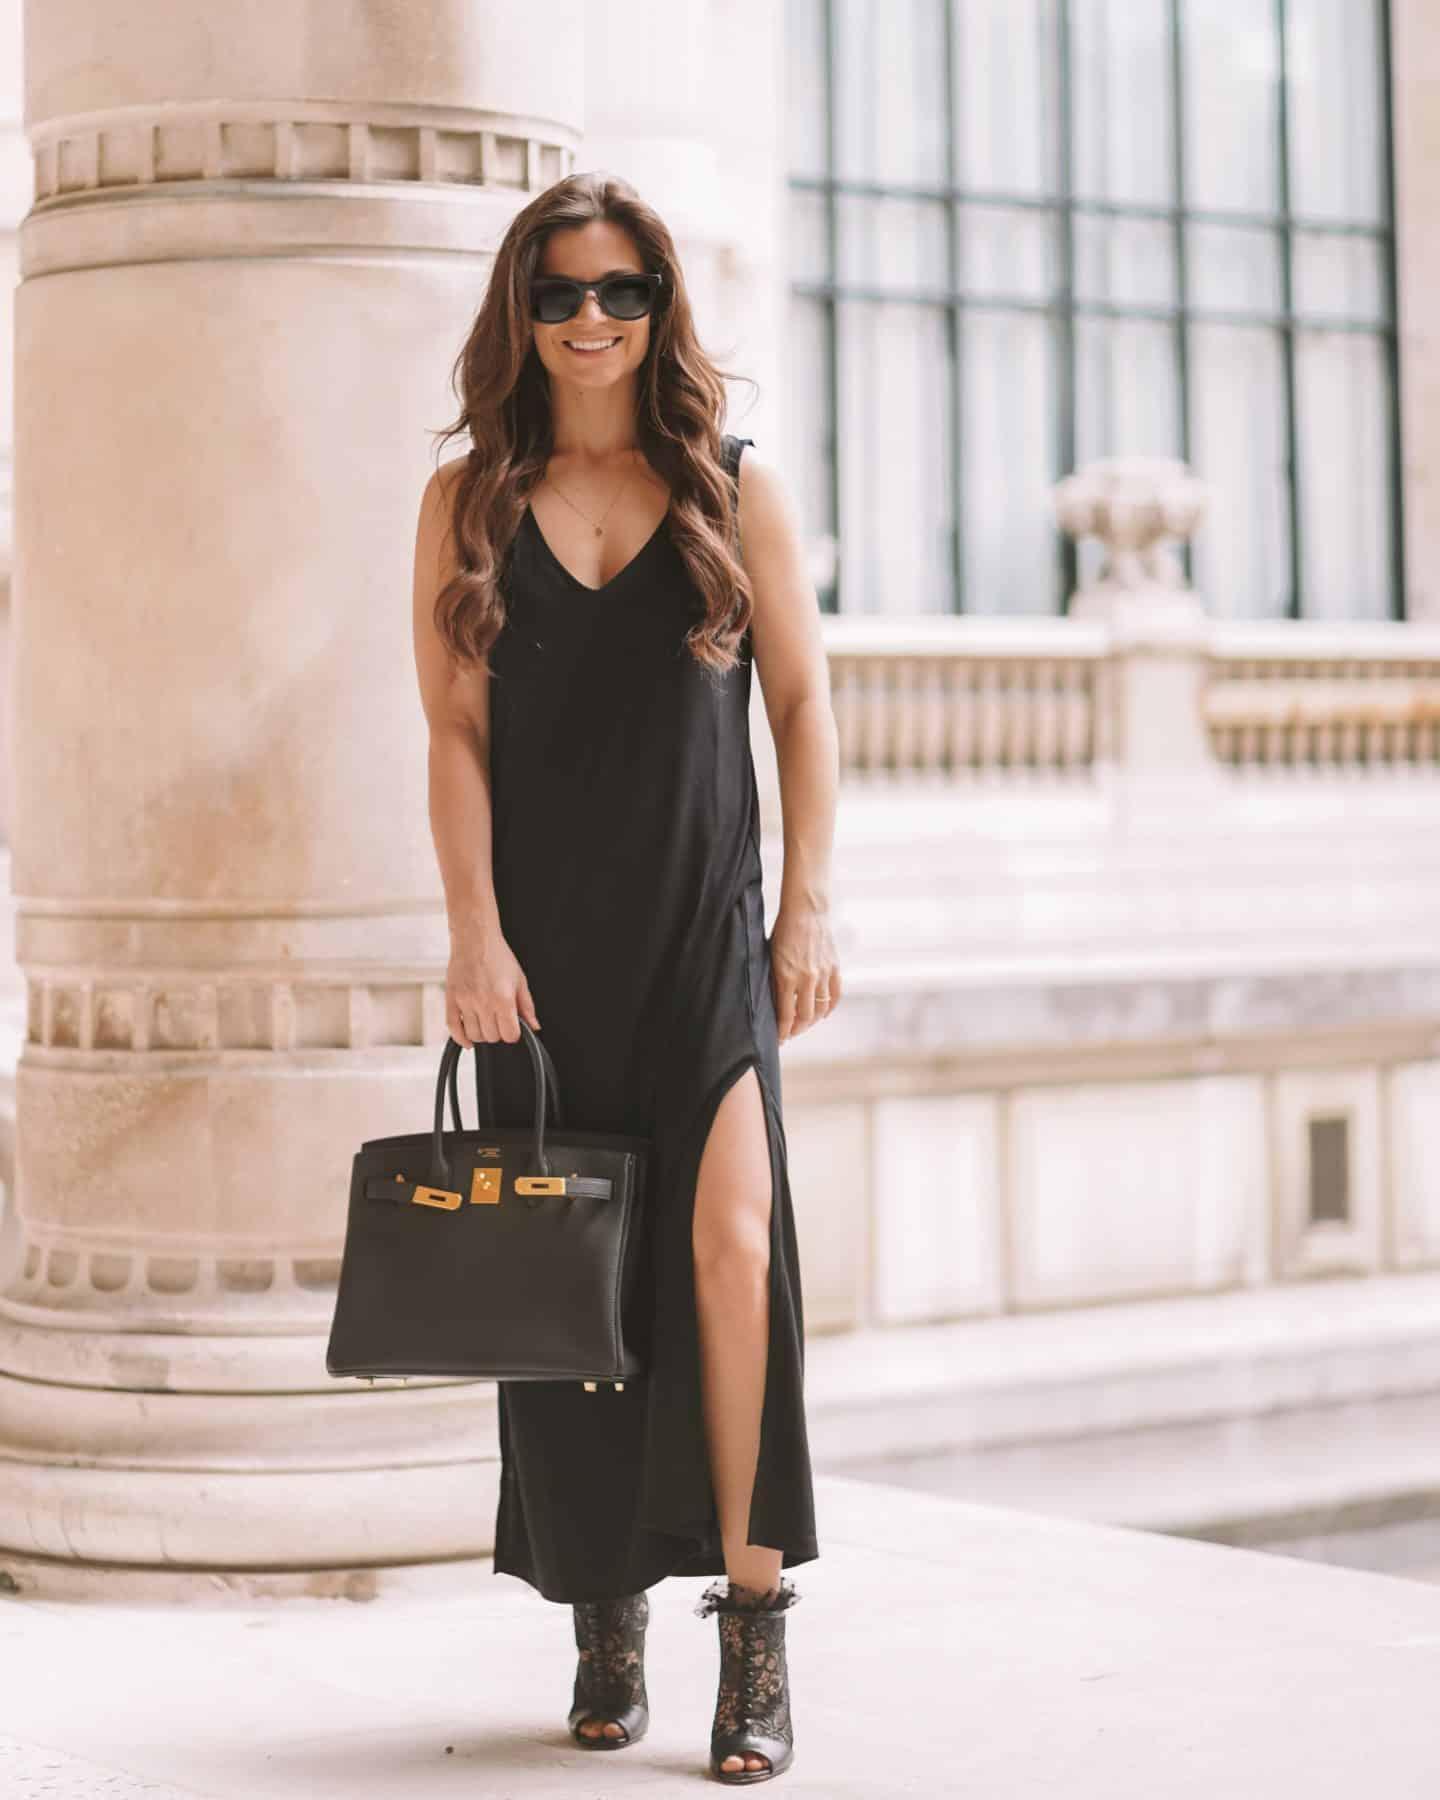 Black Hermes Birkin Togo Leather size 30 Review of the Hermes Birkin Bag